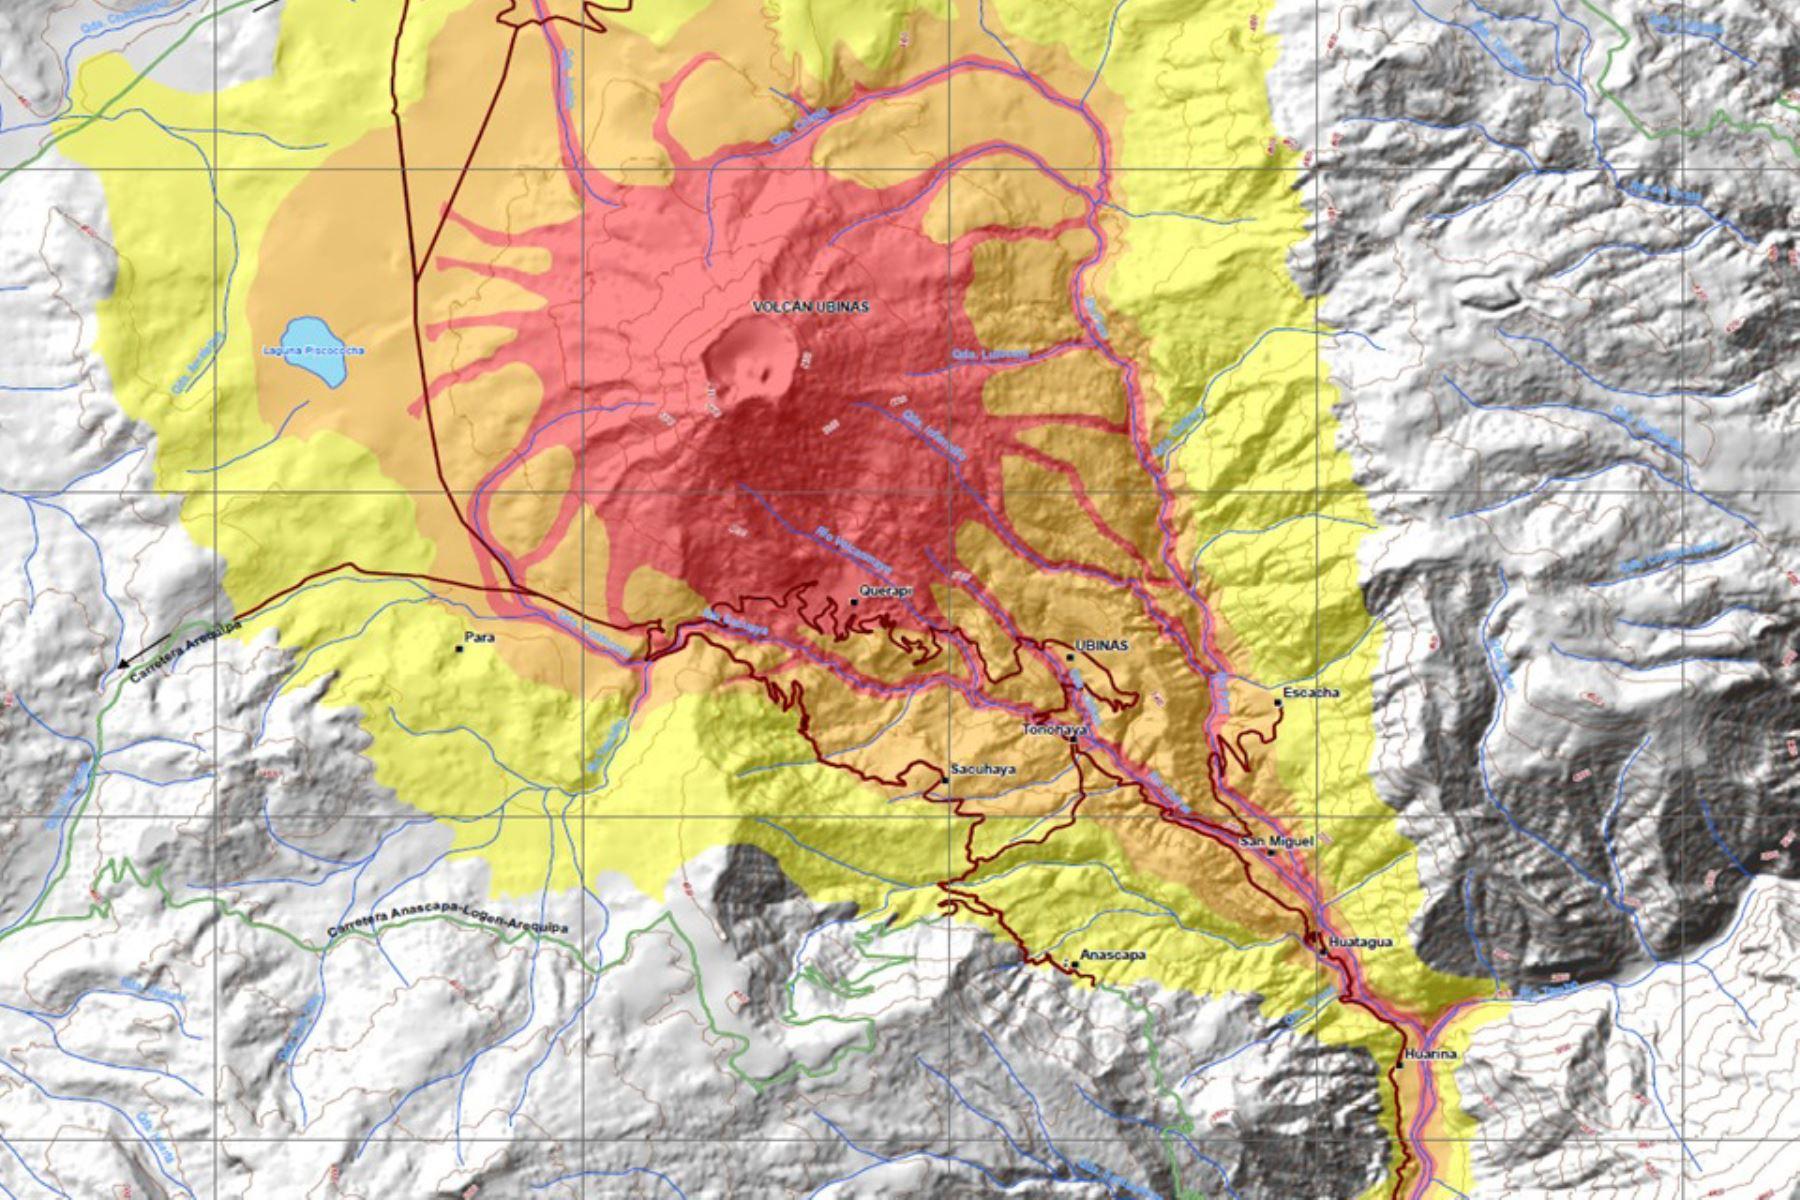 Imágenes satelitales identifican poblaciones en riesgo por el volcán Ubinas. ANDINA/Difusión